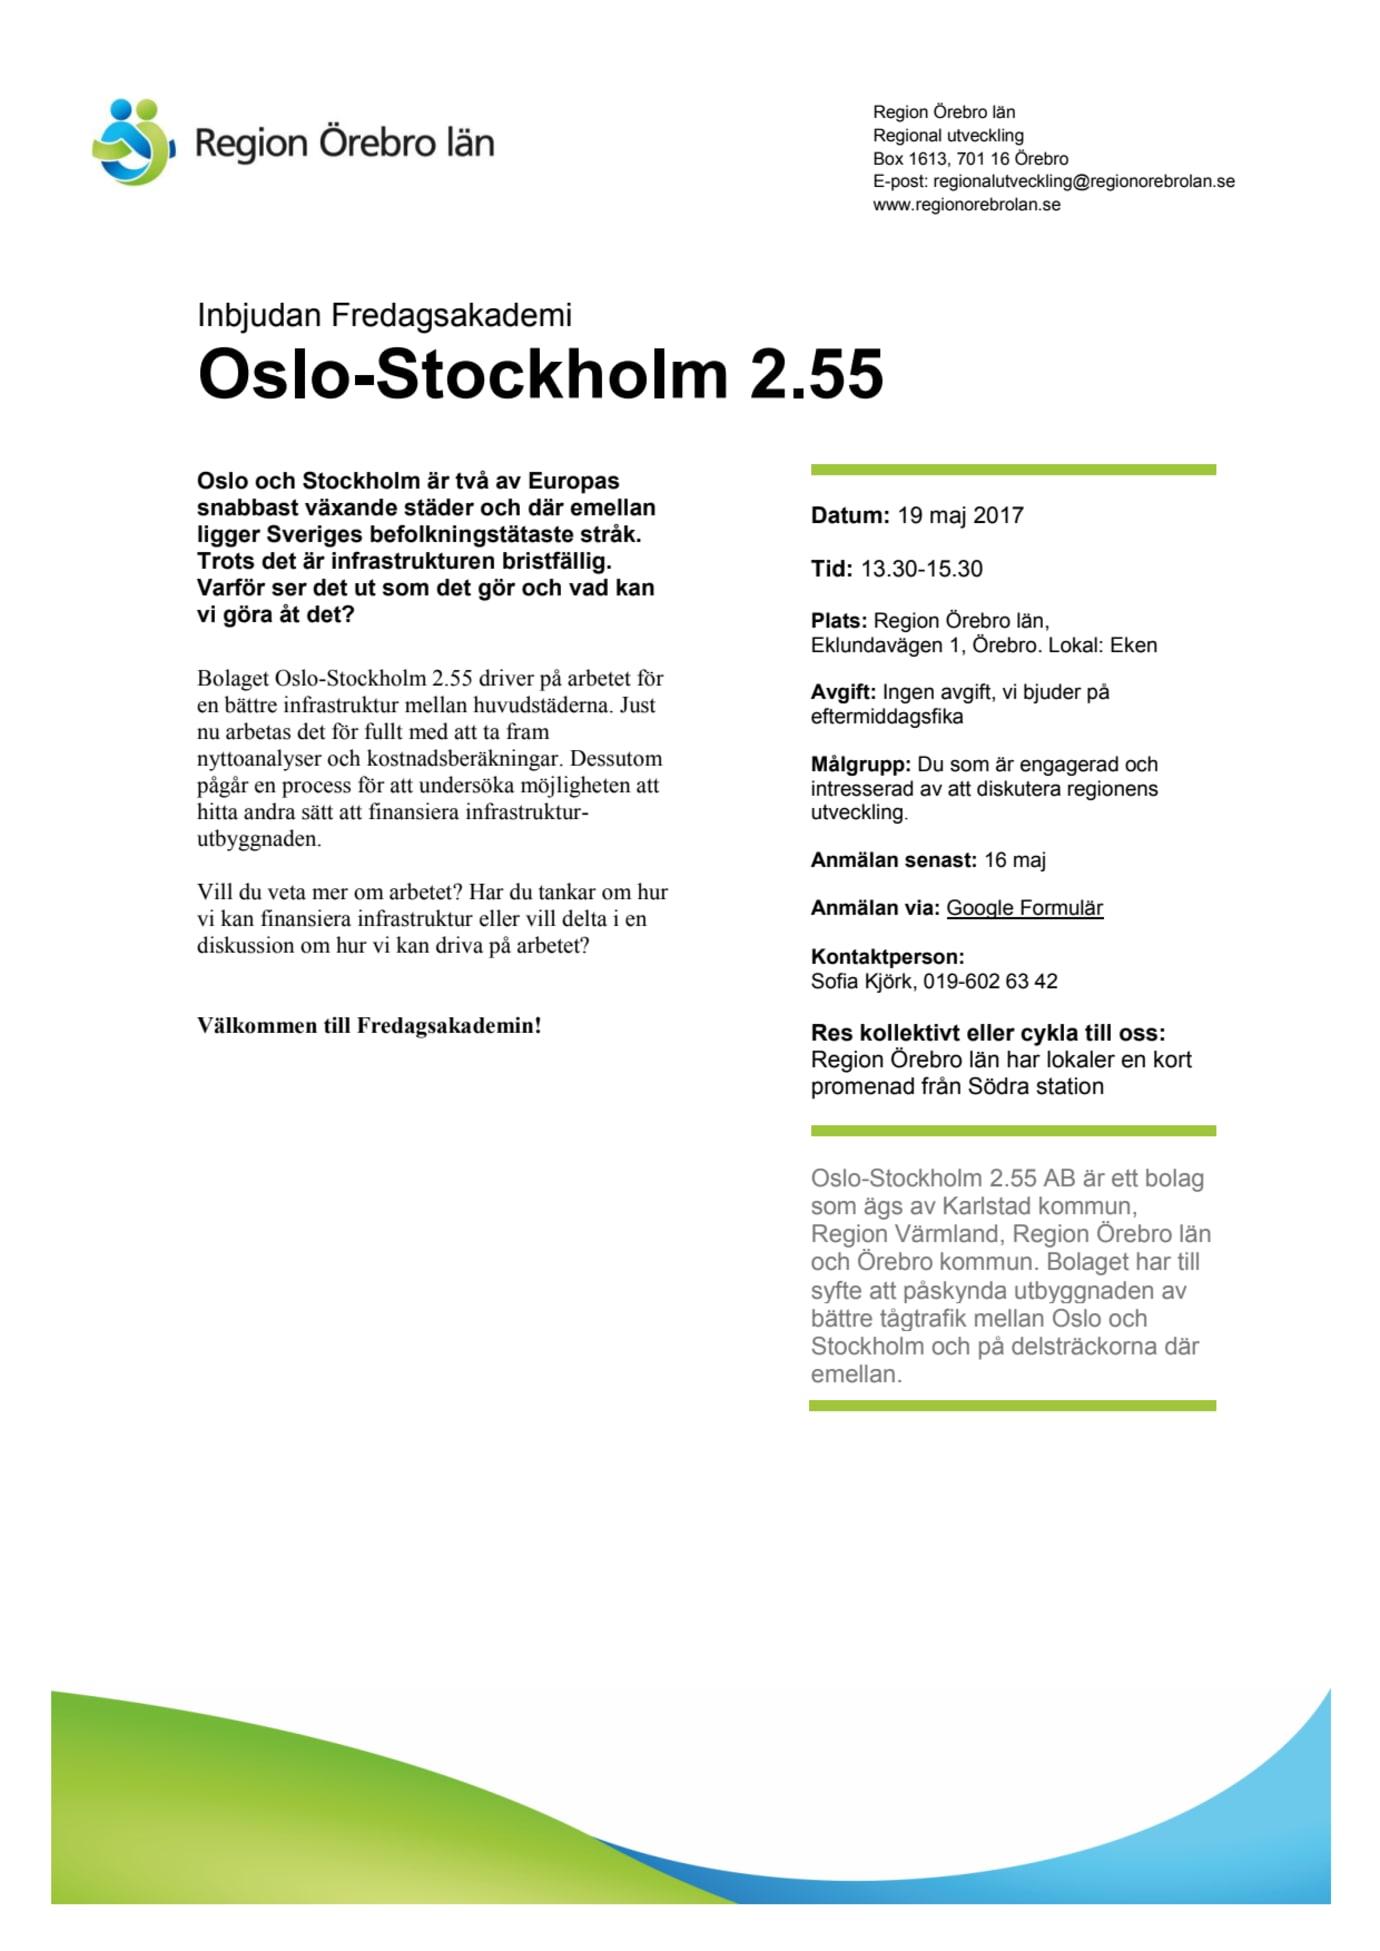 Fredagsakademi om Oslo-Sthlm